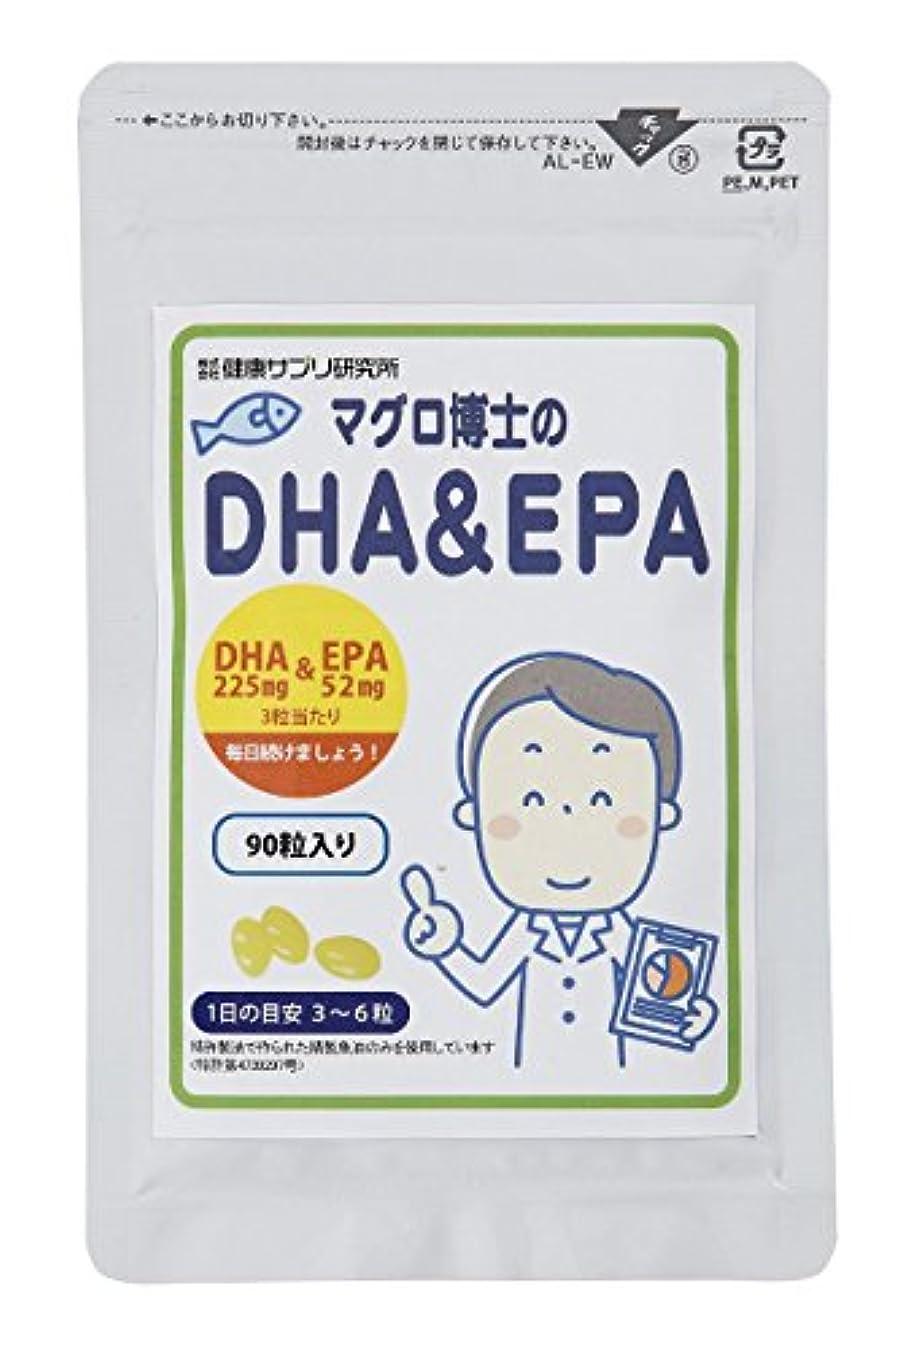 実業家ベギンポゴスティックジャンプ健康サプリ研究所 マグロ博士のDHA&EPA 90粒【 DHA EPA】3粒でお刺身約2~2人前のDHA?EPAを摂取